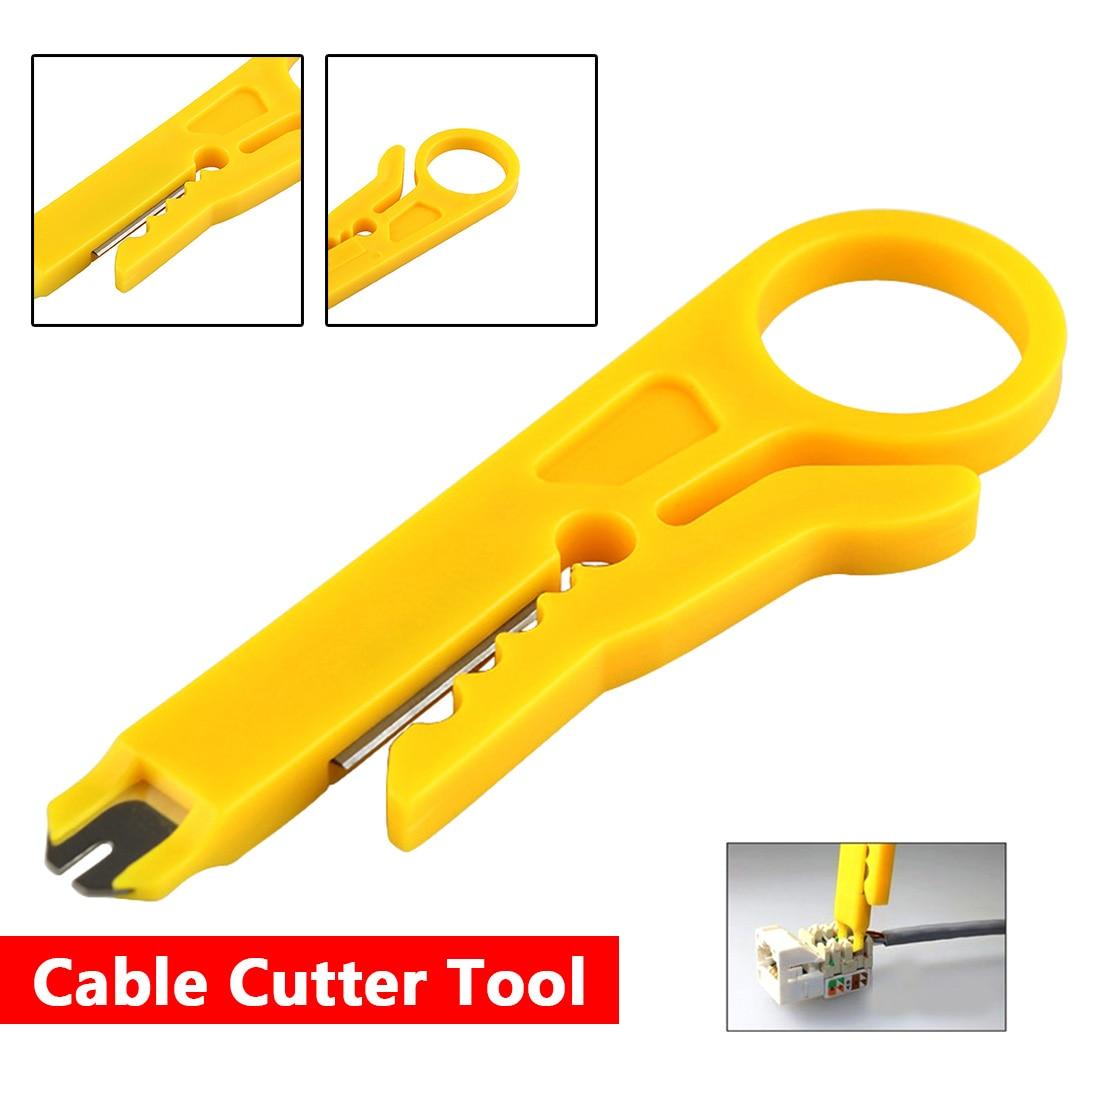 1 Stück Mini Rotary Anlege Netzwerk Utp Kabel Cutter Punch Unten Draht Werkzeug Stripper Stp Kabel Cutter Telefon Draht Stripper